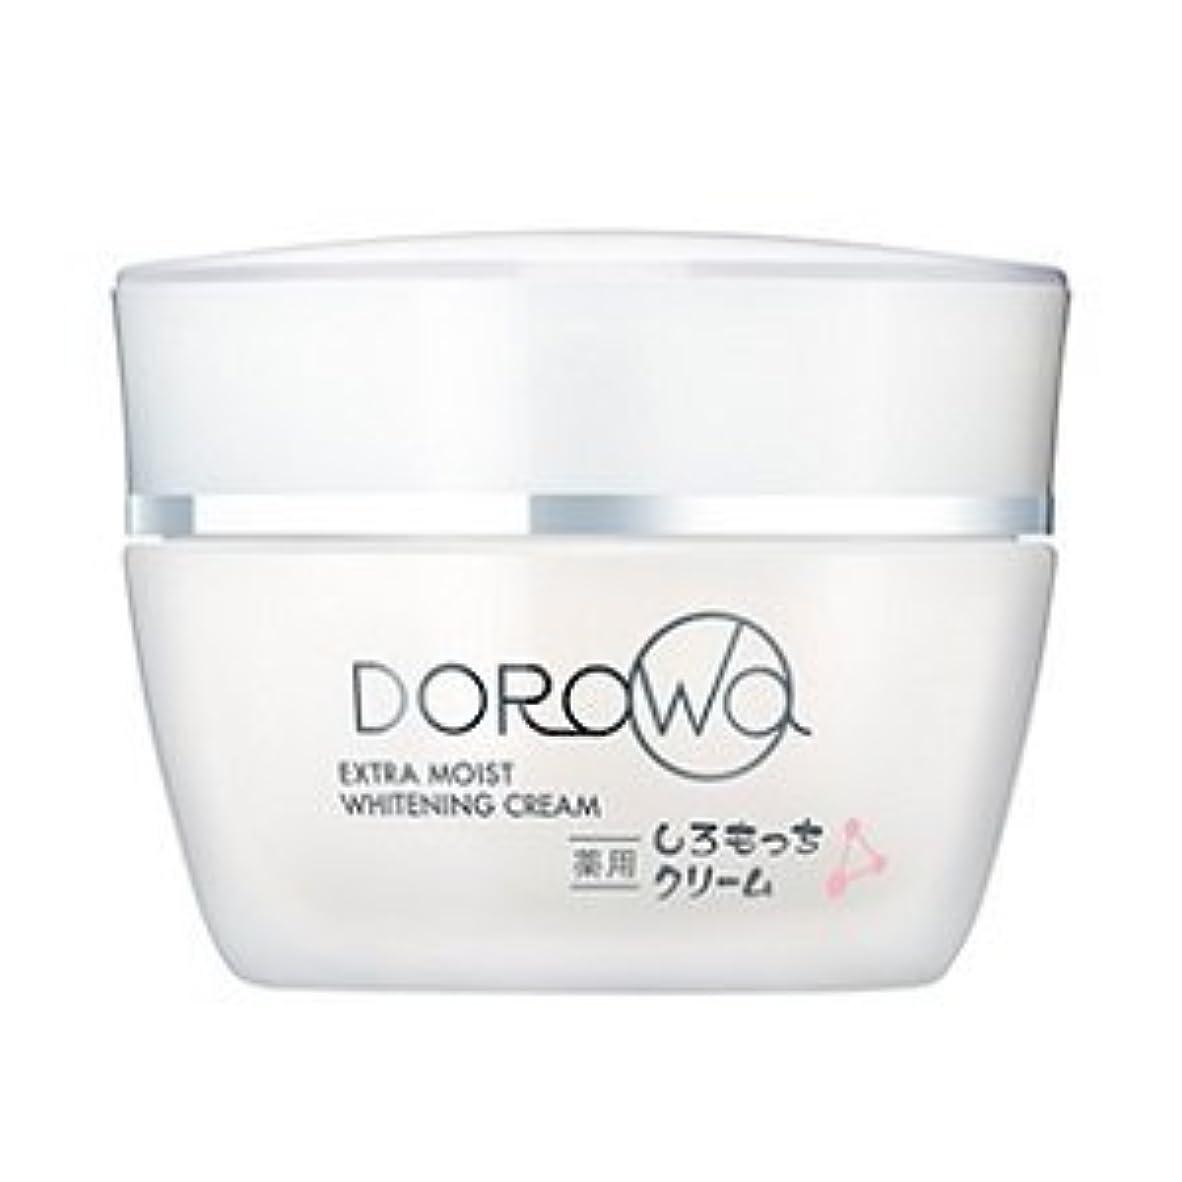 葬儀思い出すご近所健康コーポレーション DOROwa 薬用 しろもっちクリーム 60g